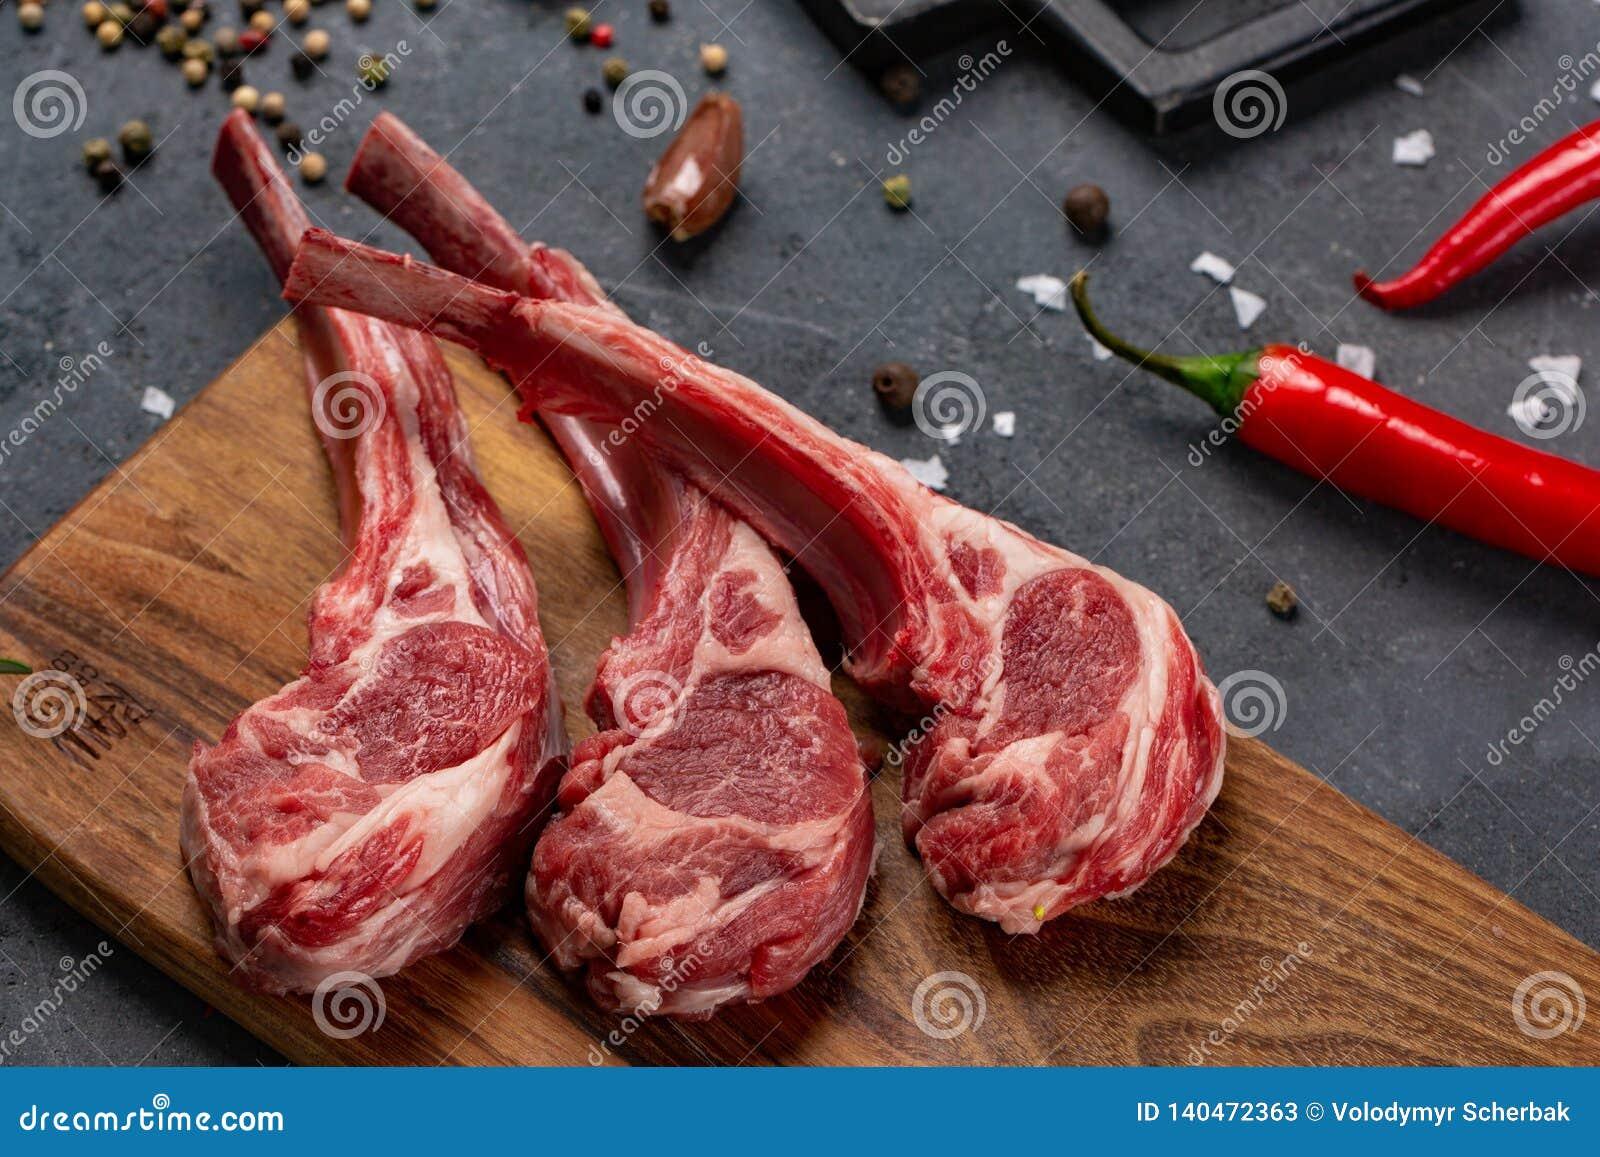 Сырое мясо на косточке с чилями и специями, черной предпосылкой для варить с космосом экземпляра, взглядом сверху